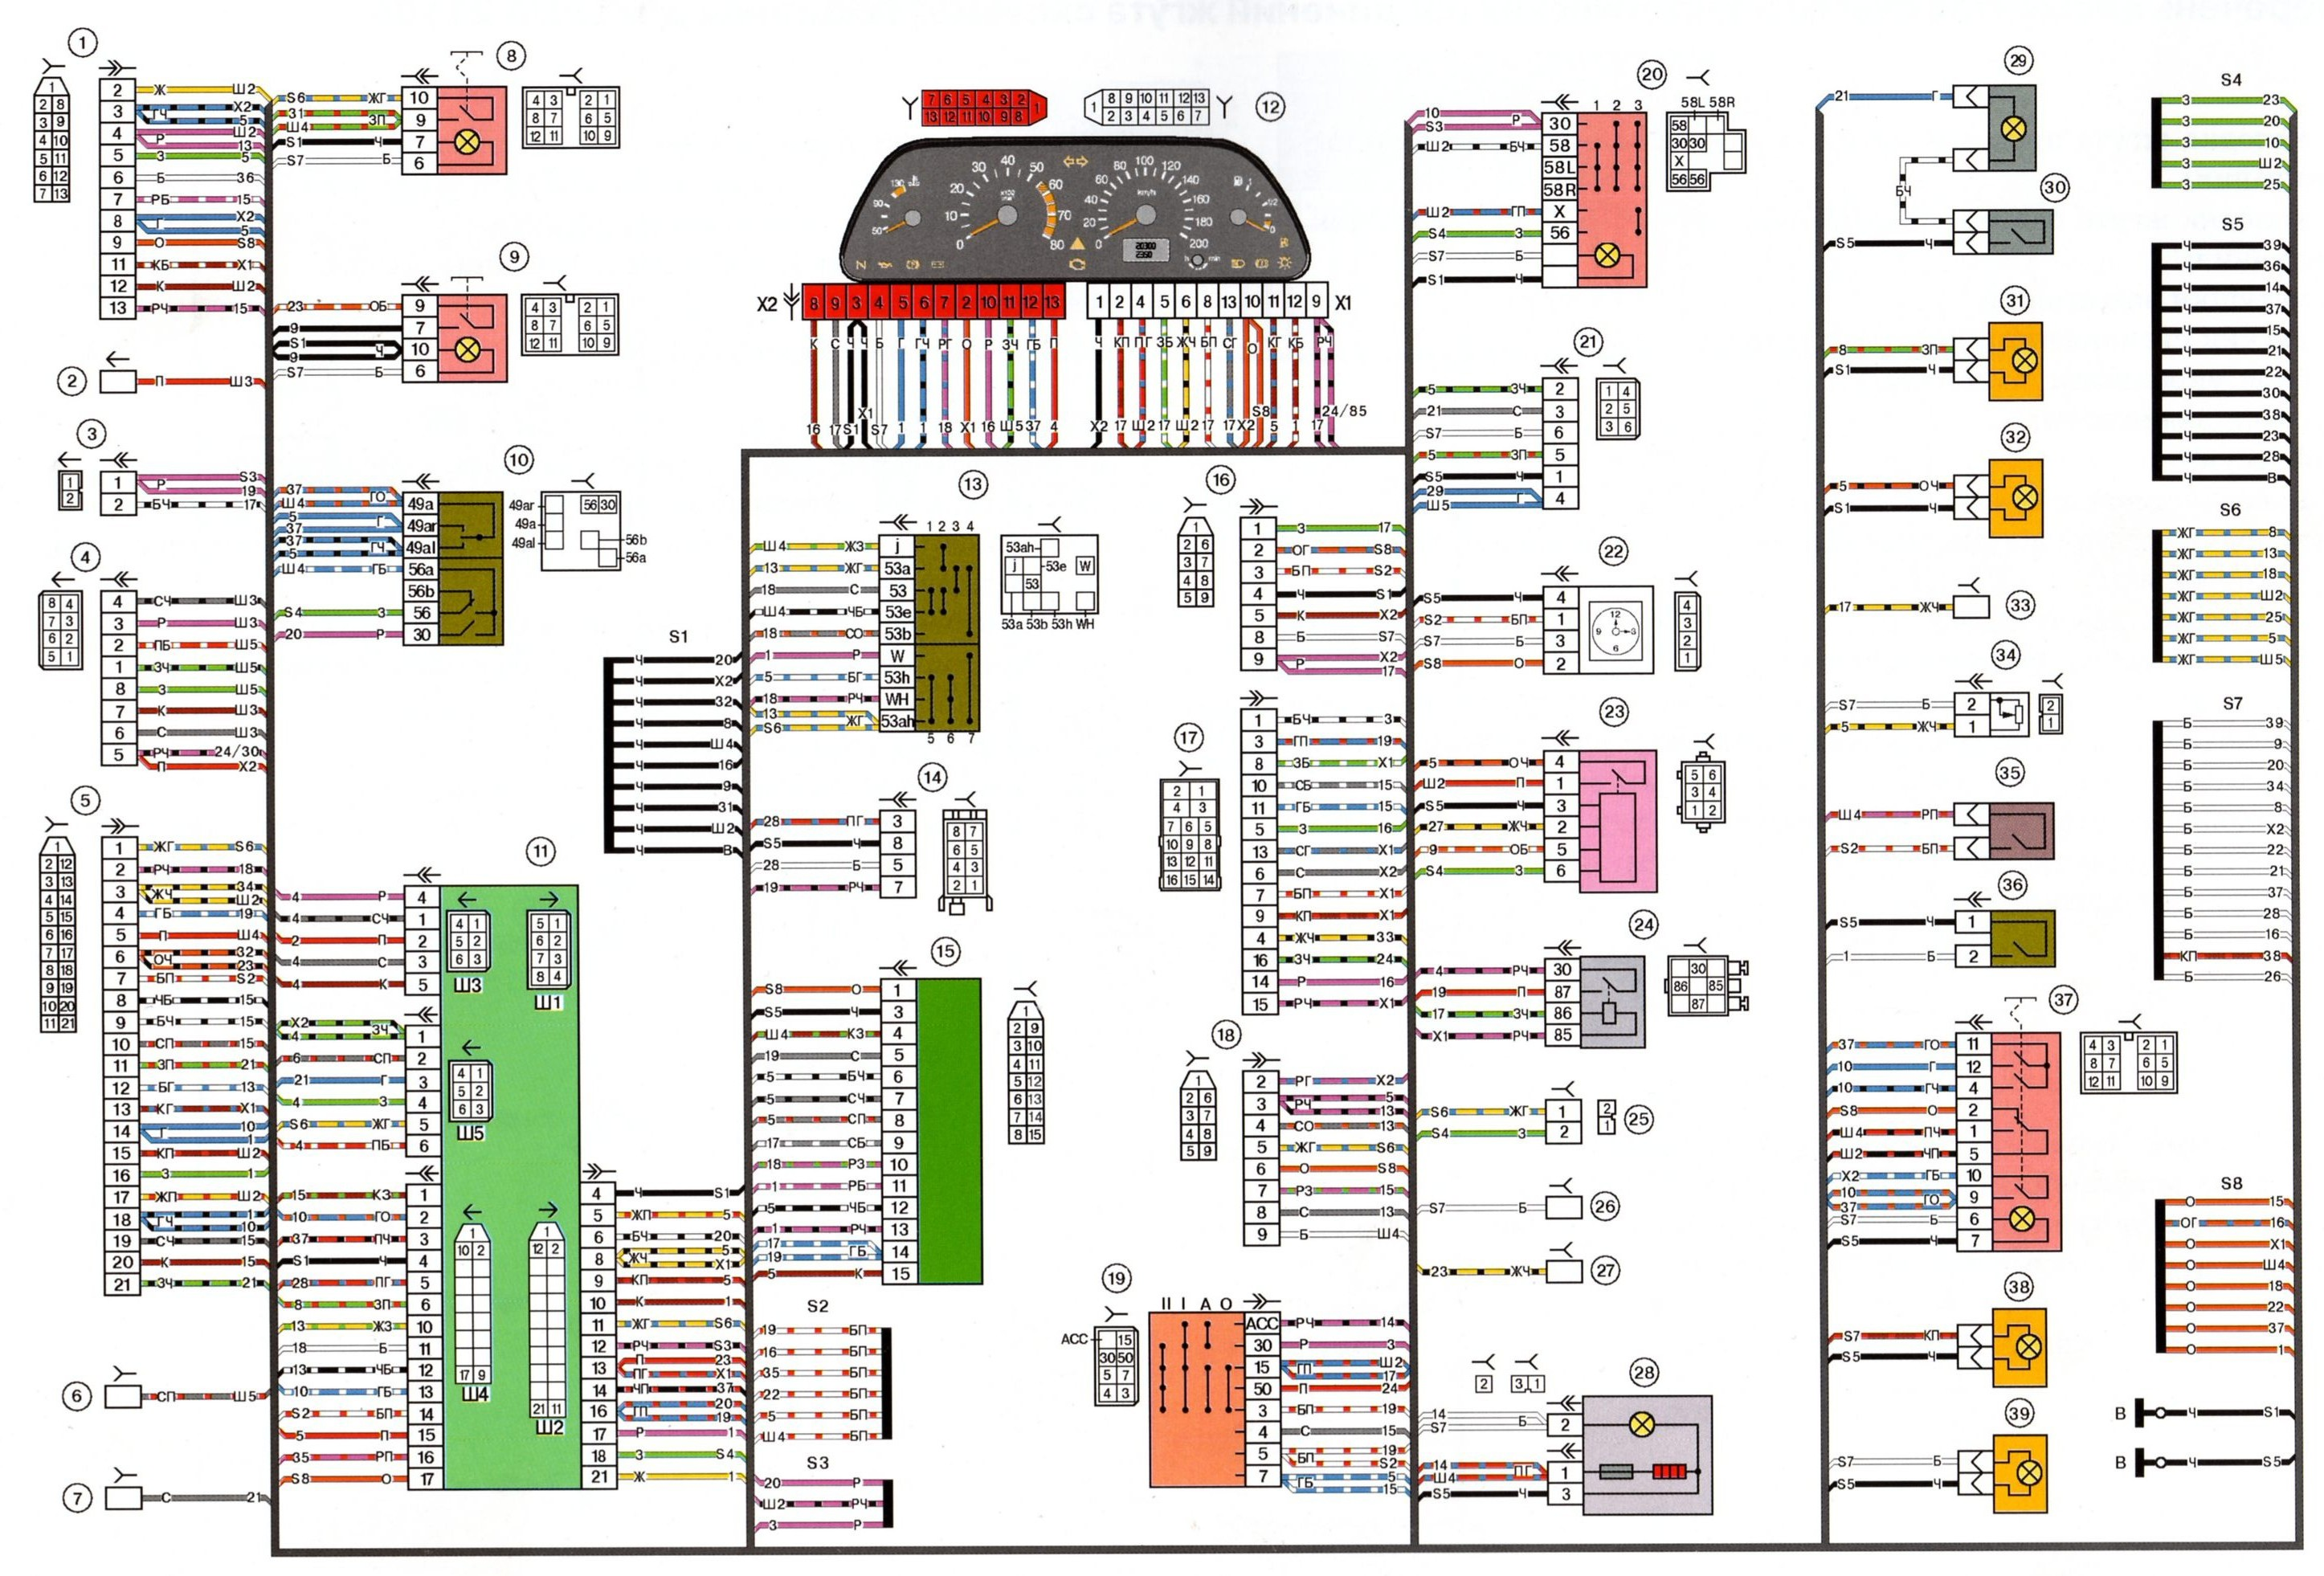 Фото №17 - неисправности электрооборудования ВАЗ 2110 инжектор